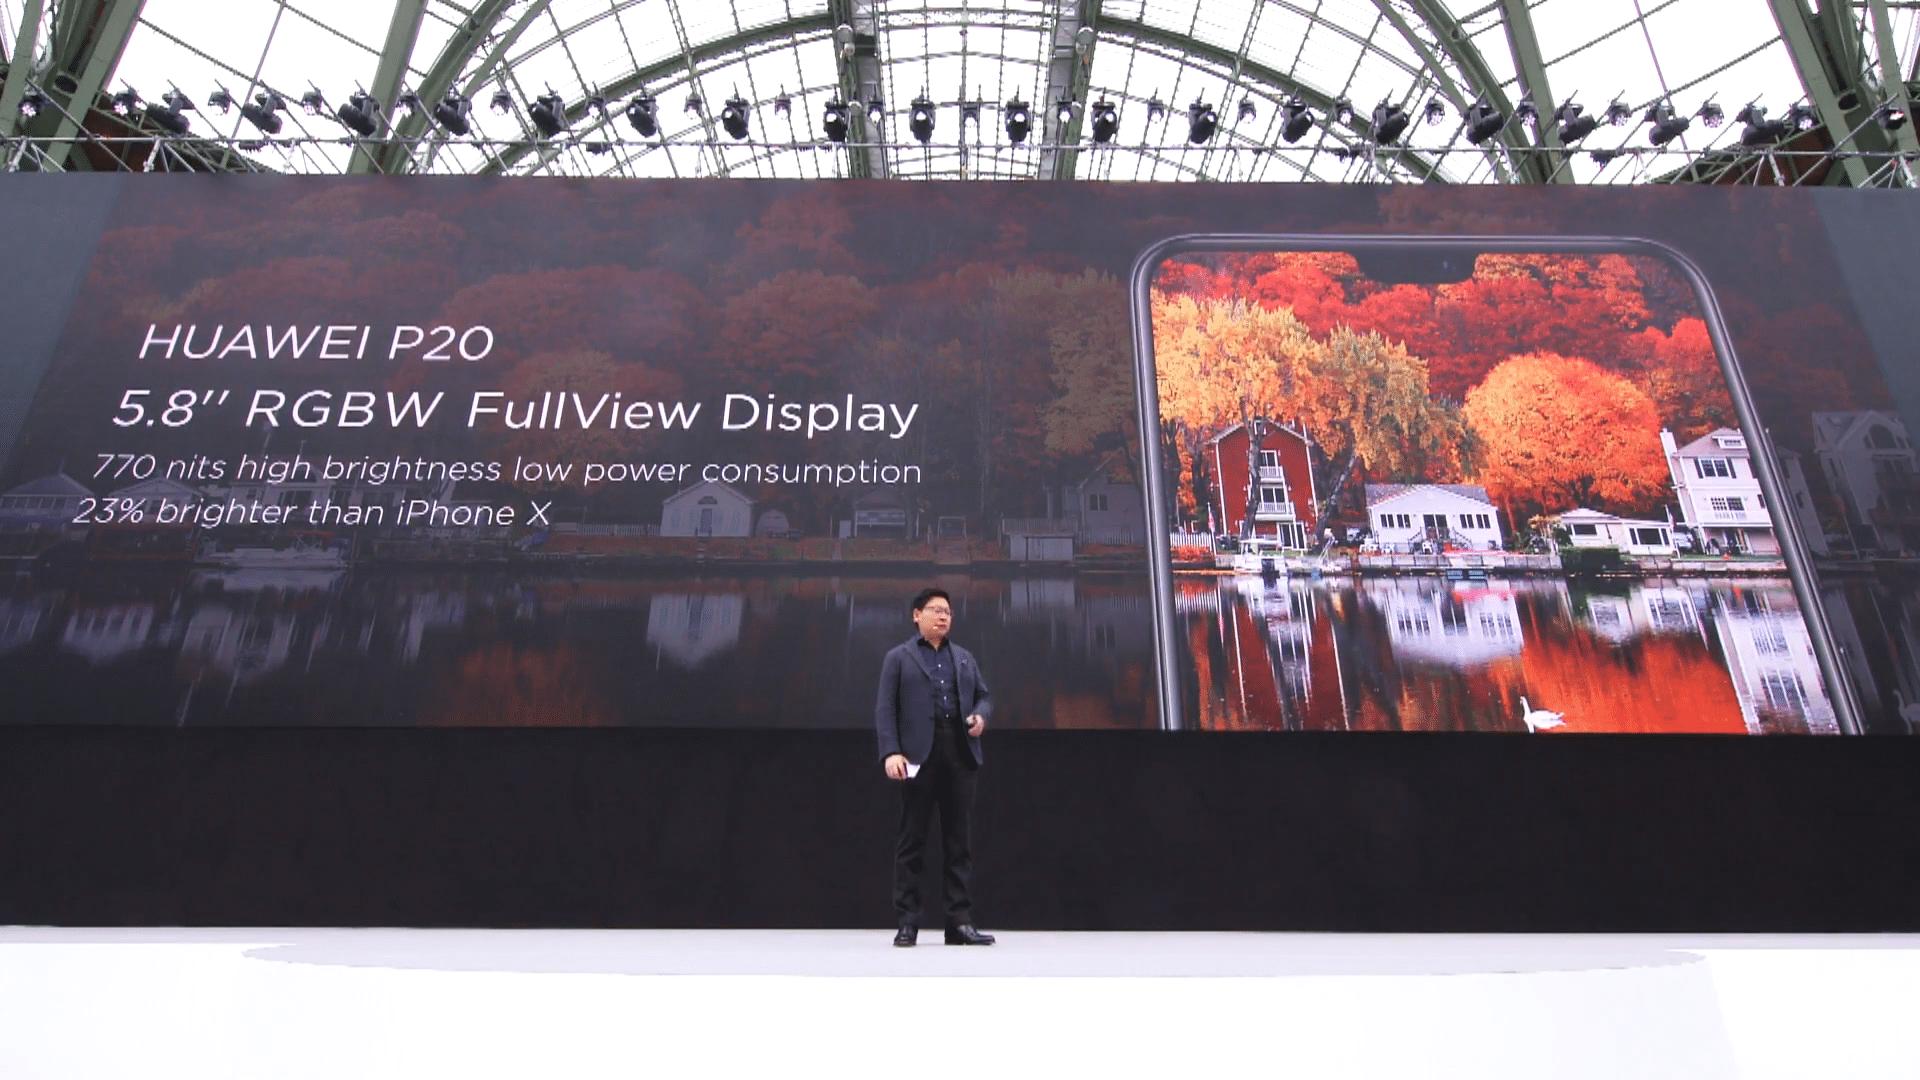 Huawei P20 P20 Pro Screens